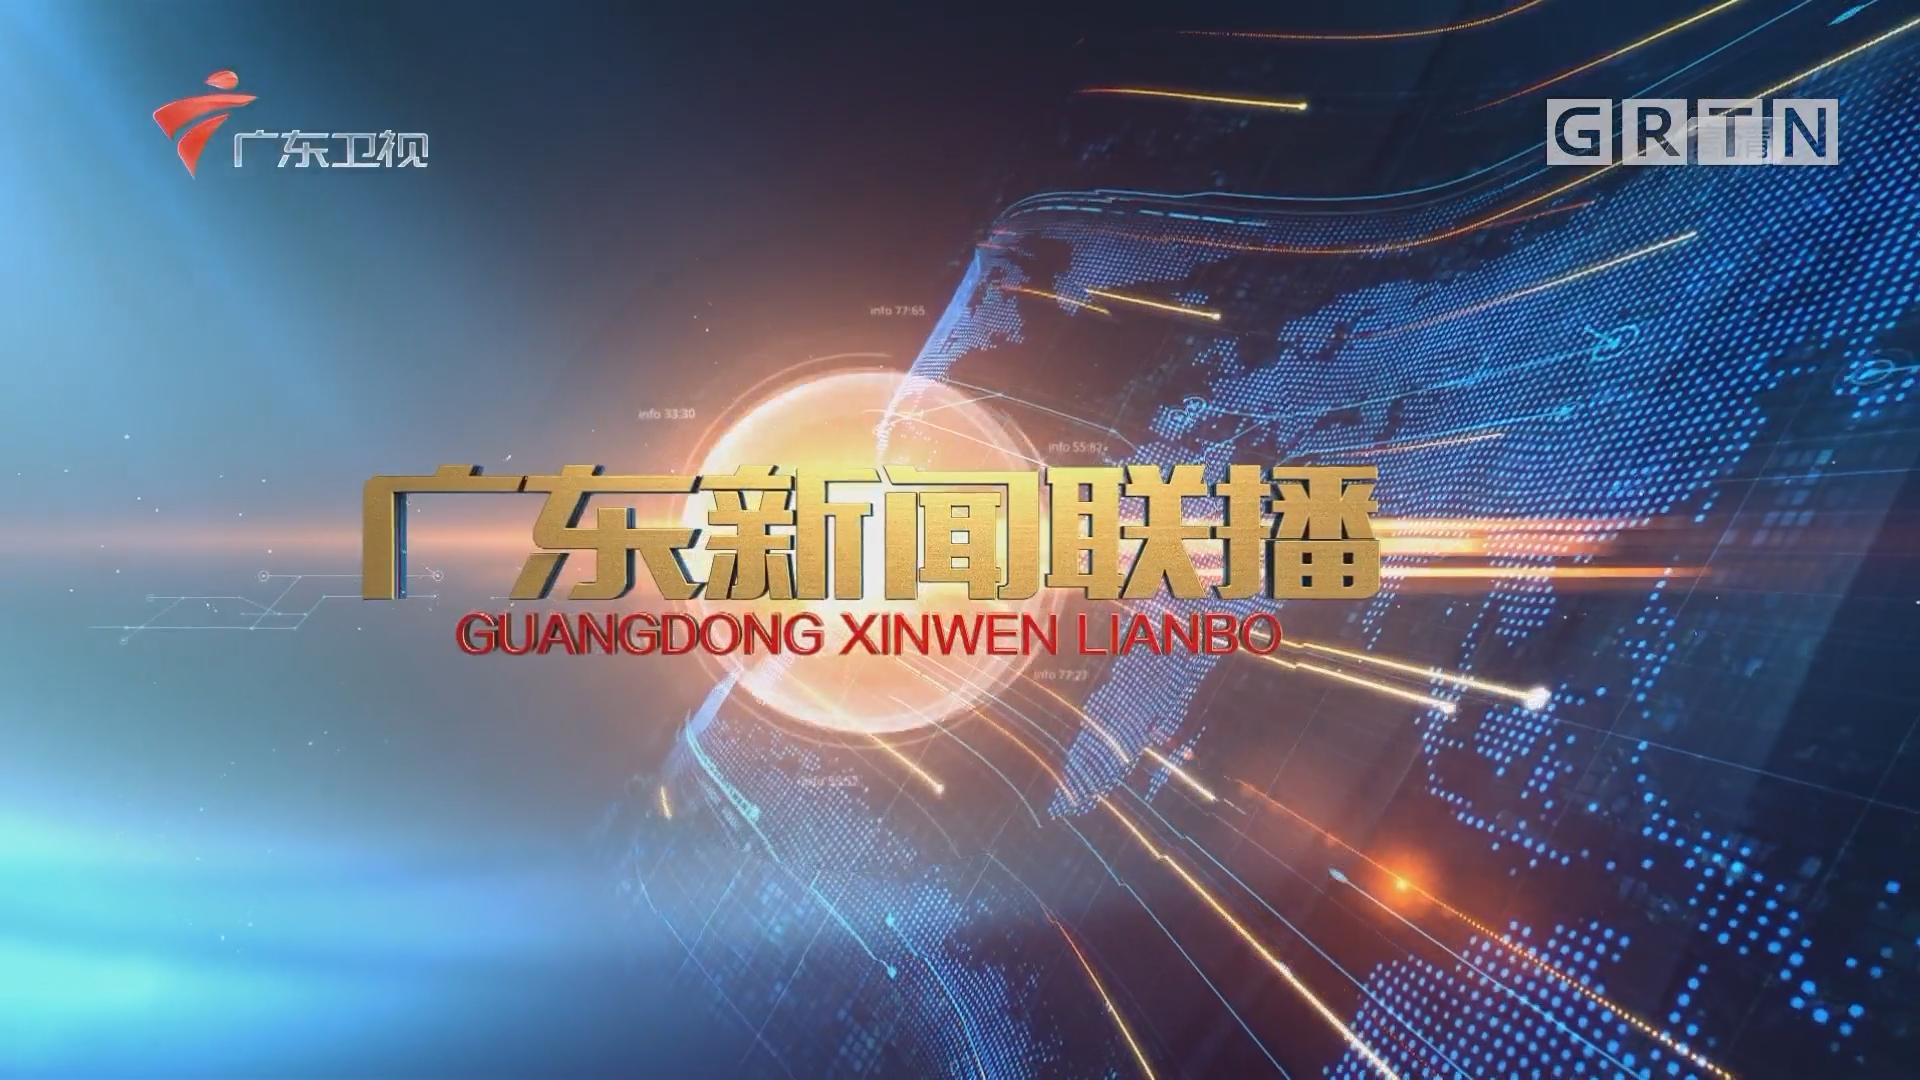 [HD][2018-03-04]广东新闻联播:十三届全国人大一次会议举行首场新闻发布会